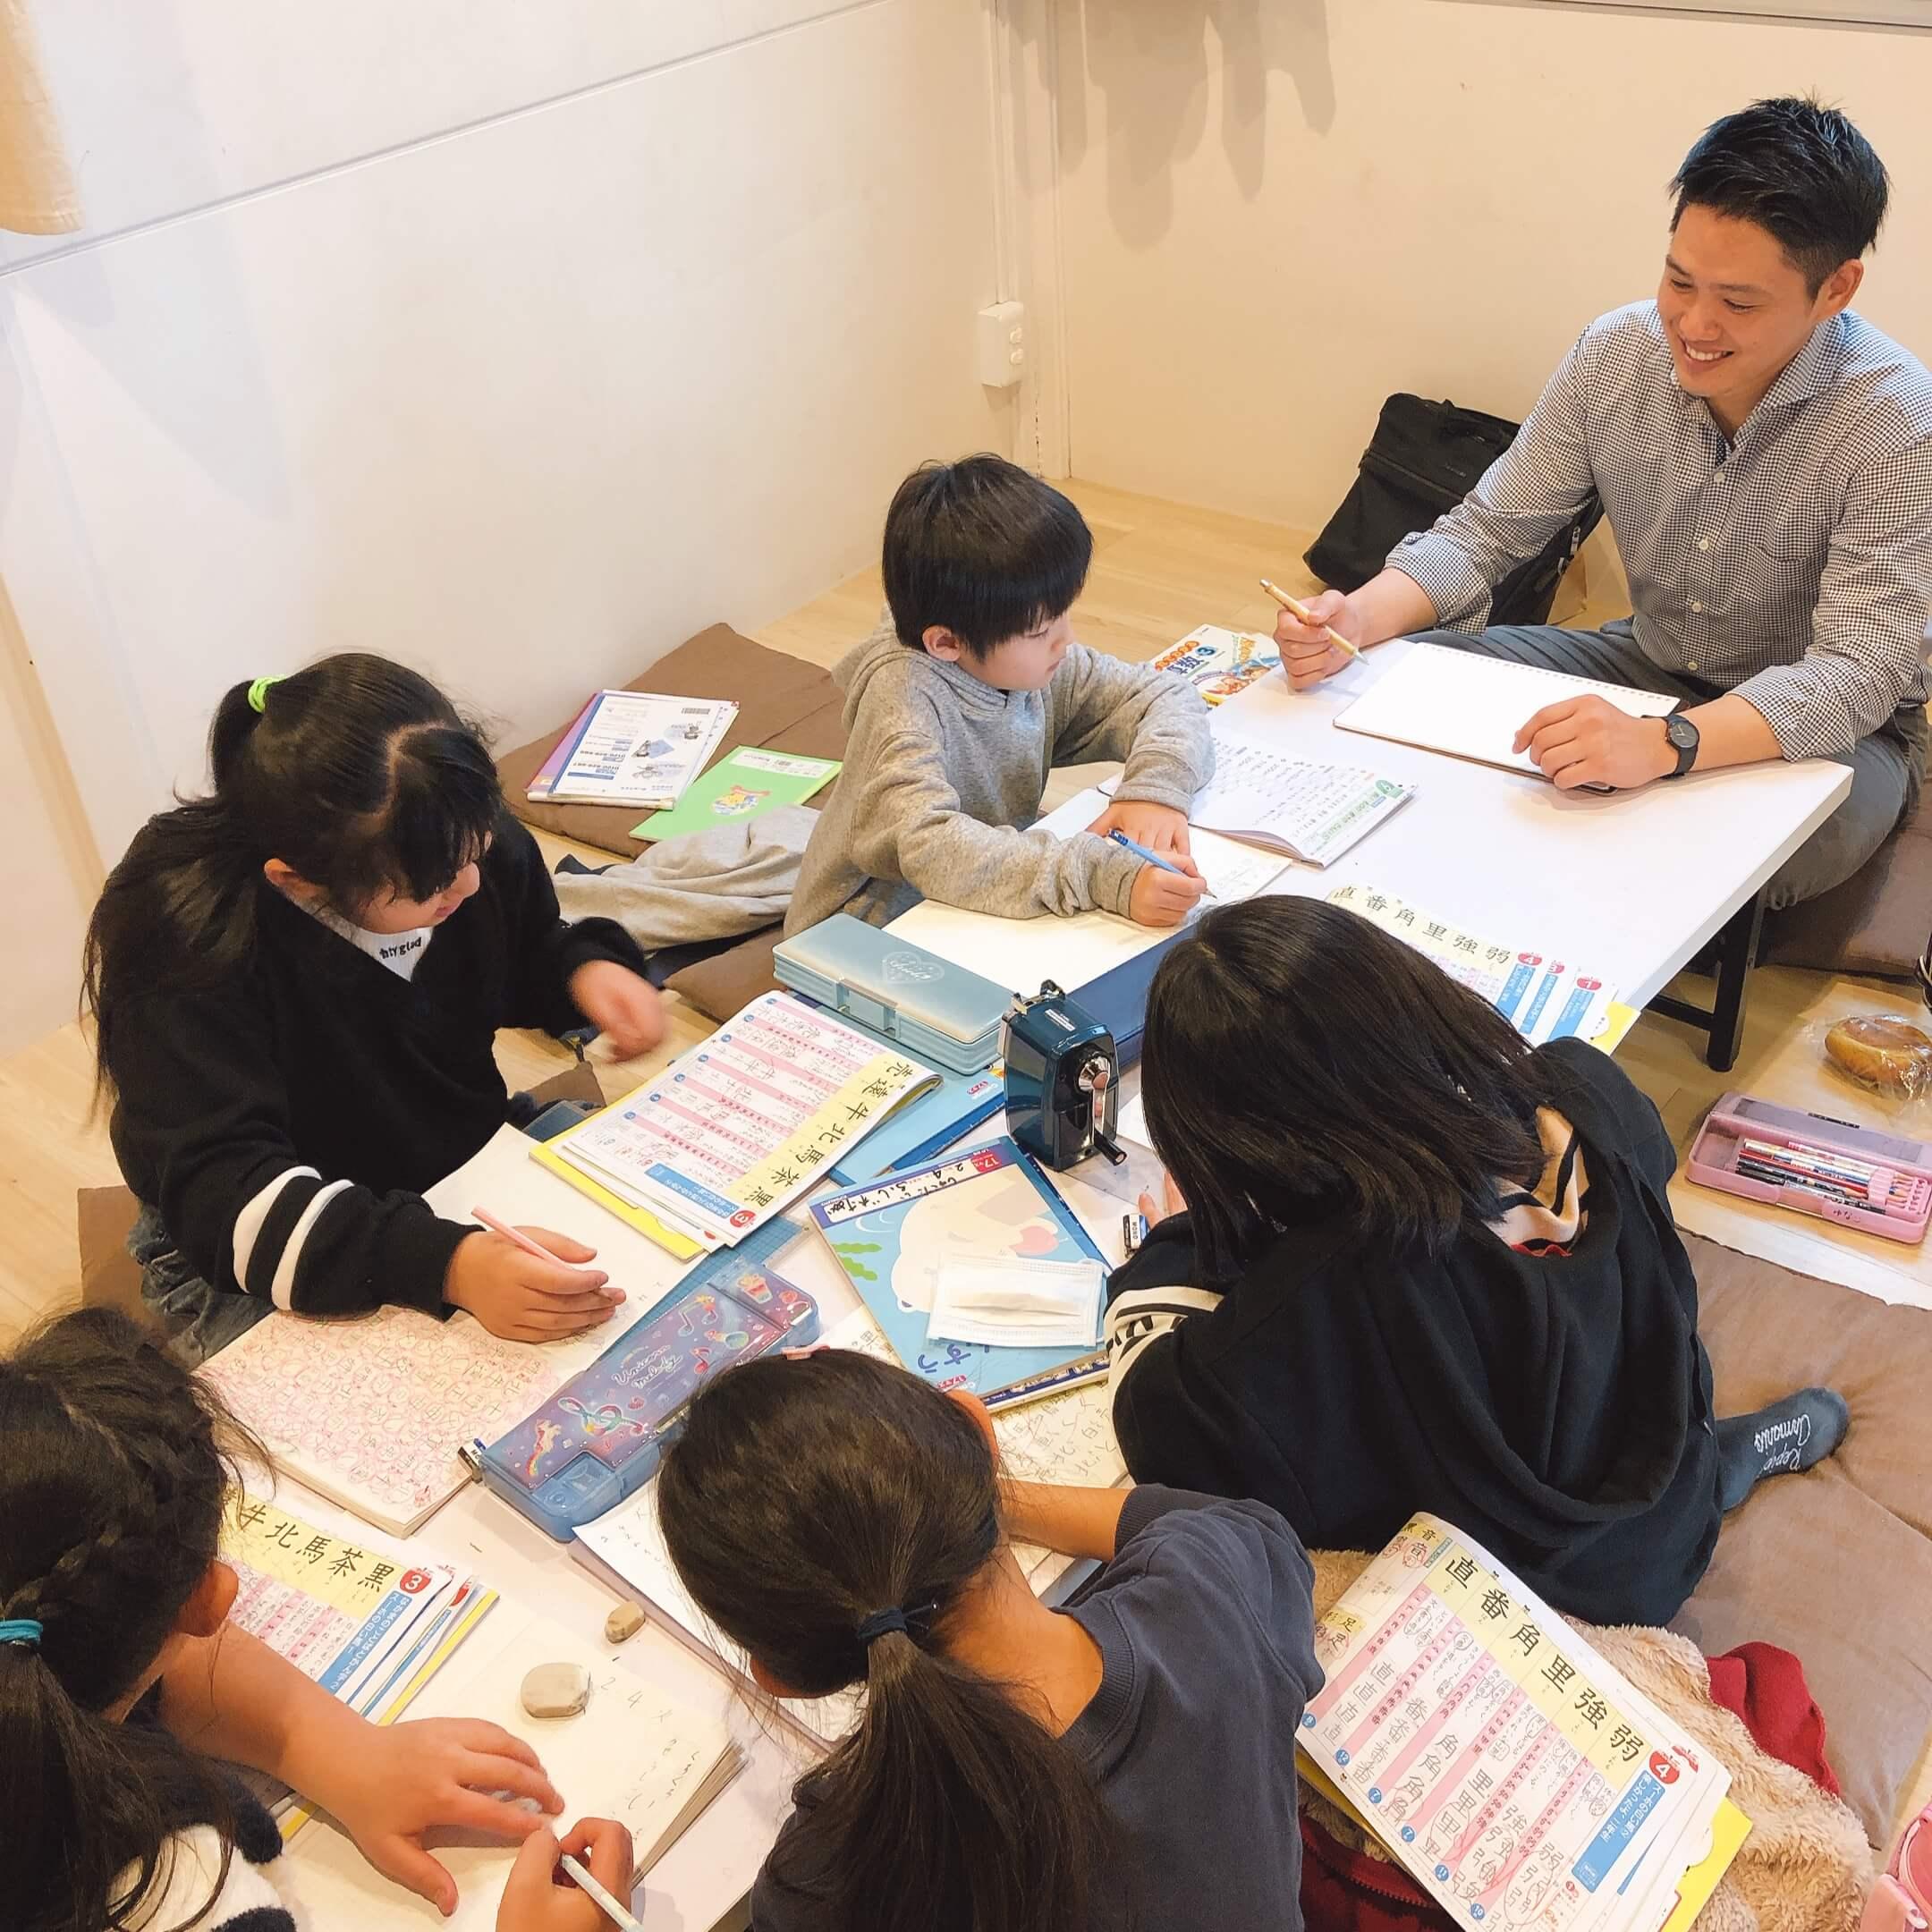 福岡市の個別指導塾、算数、数学専門です数楽の家